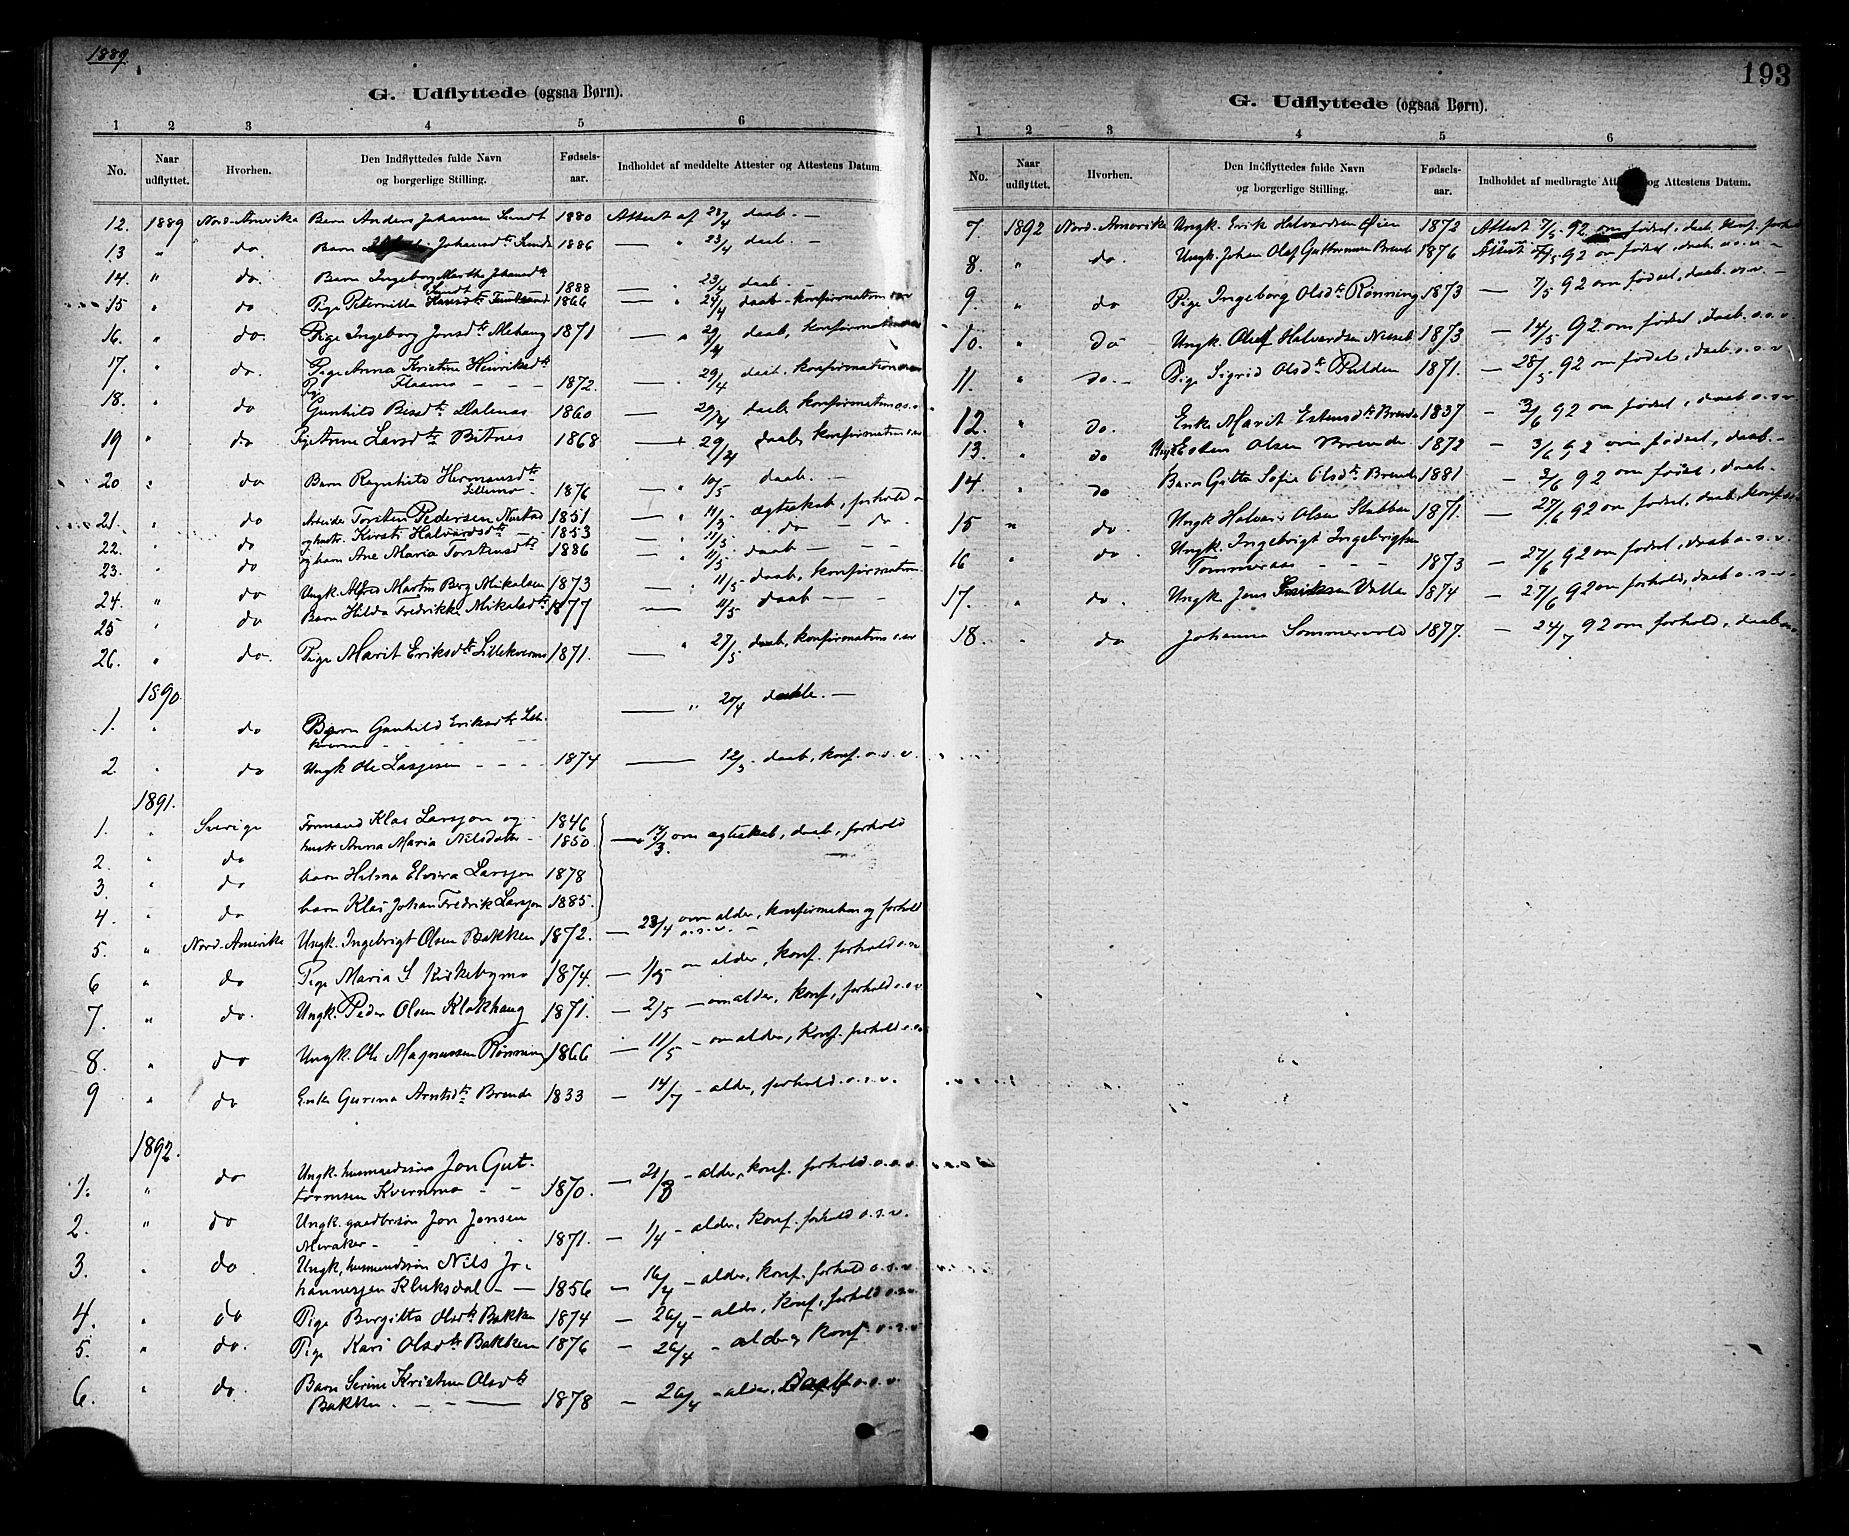 SAT, Ministerialprotokoller, klokkerbøker og fødselsregistre - Nord-Trøndelag, 706/L0047: Parish register (official) no. 706A03, 1878-1892, p. 193